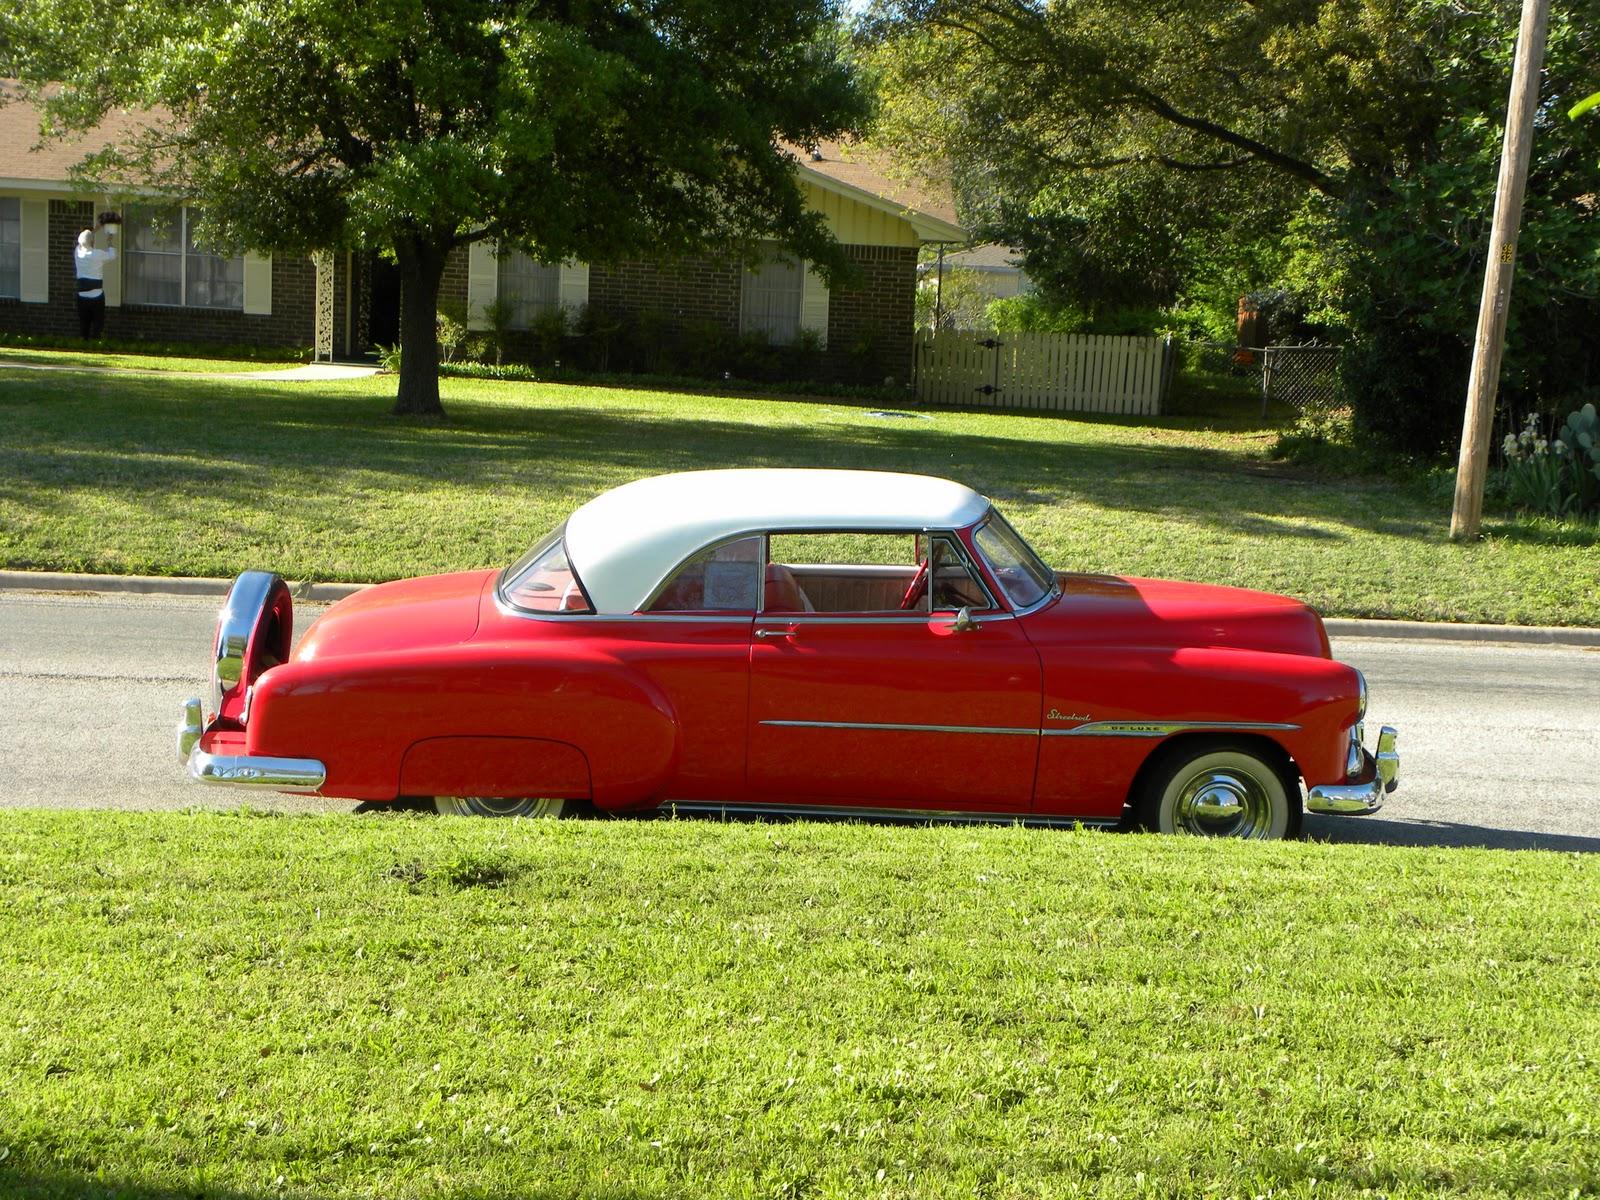 The Rockabilly Sophisticate 1951 Chevy Deluxe 2 Door Hardtop Chevrolet For Sale